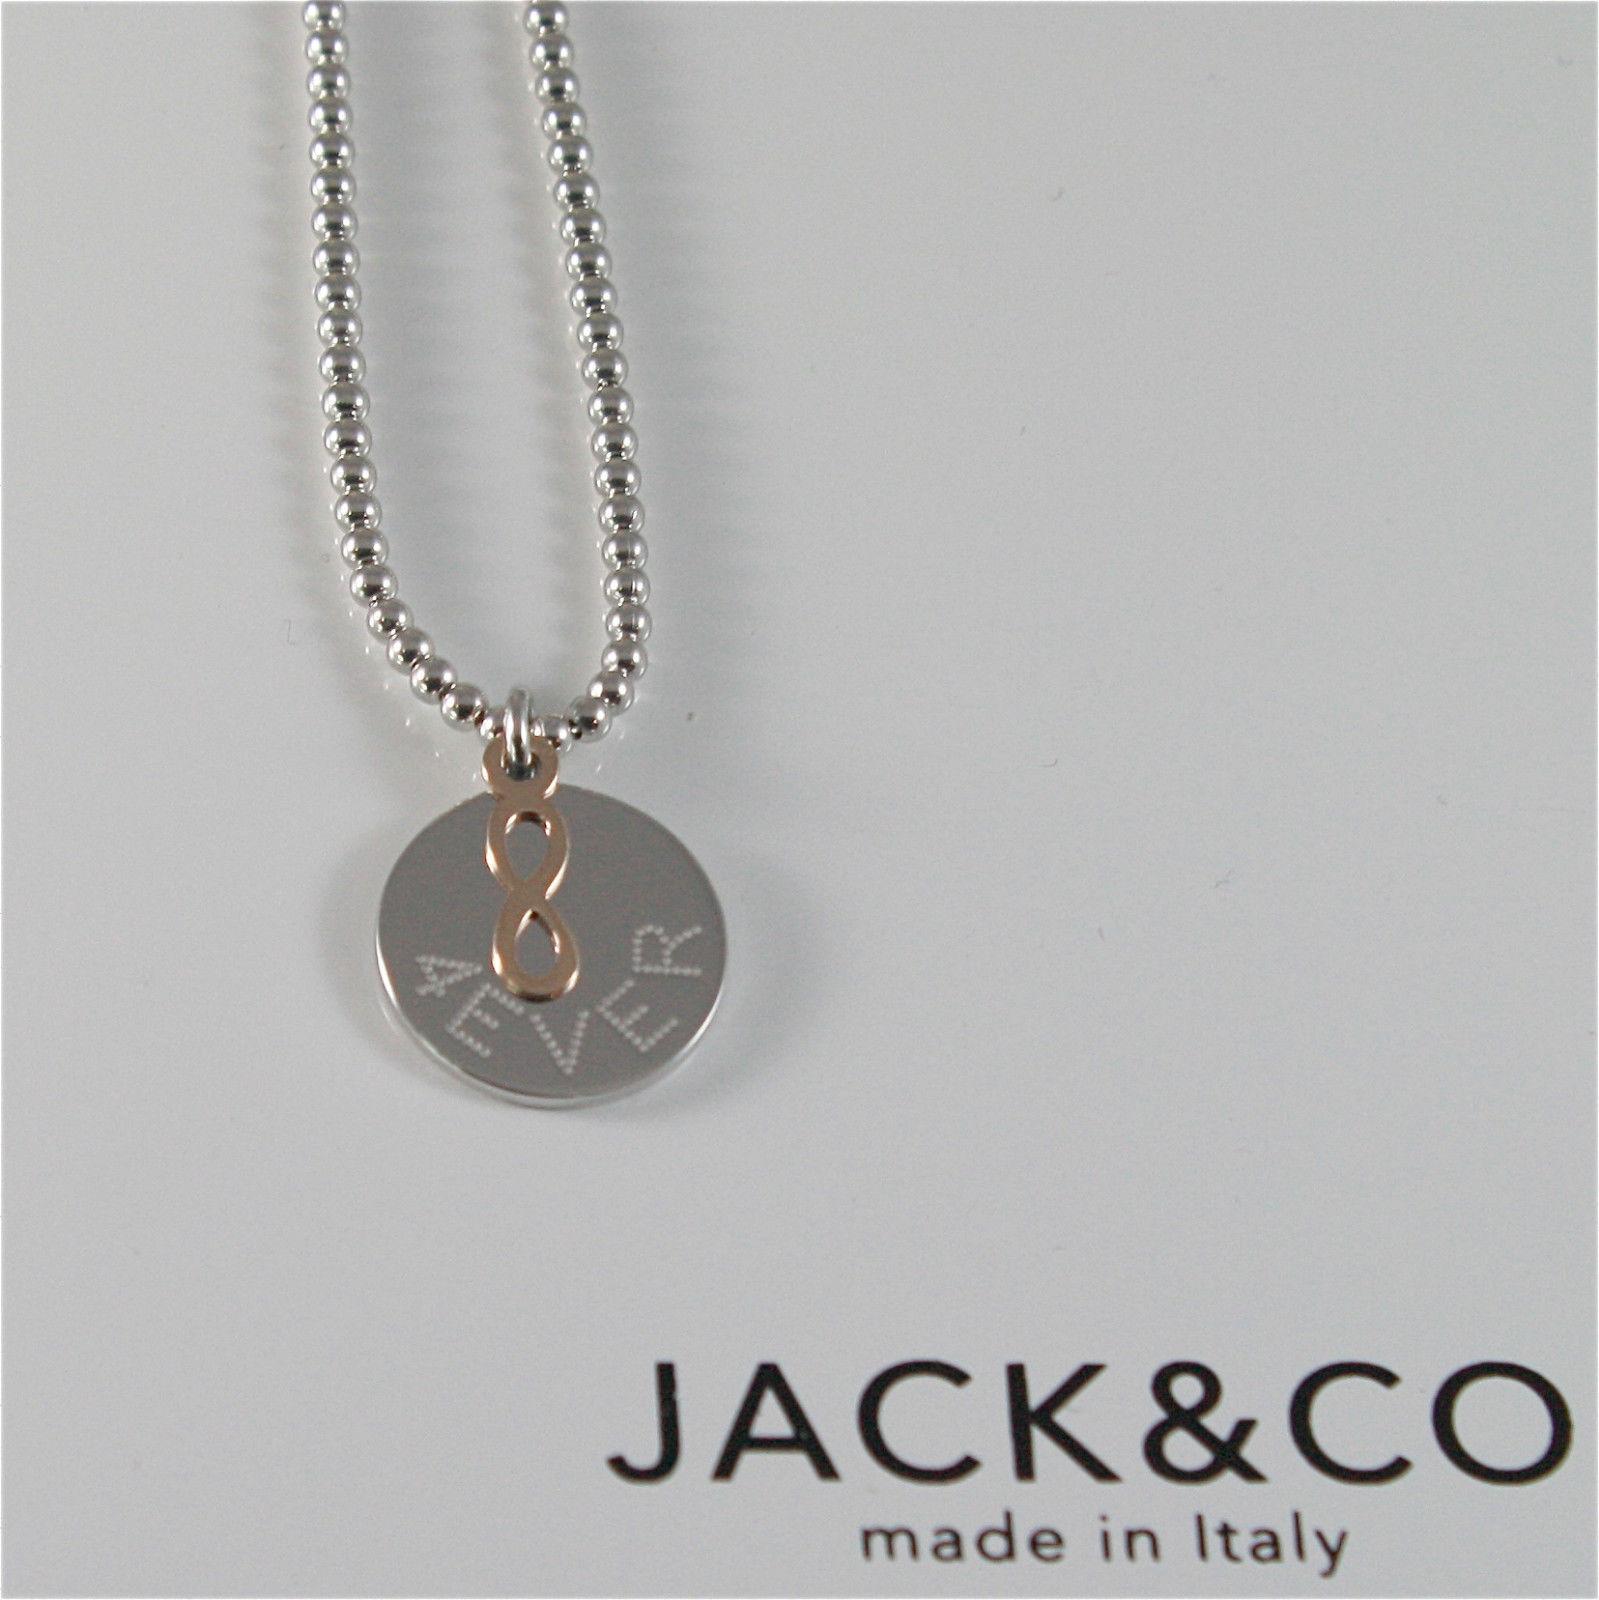 HALSKETTE A KUGELN AUS 925 SILBER JACK&CO MIT INFINITO AUS GOLD PINK 9KT JCN0548